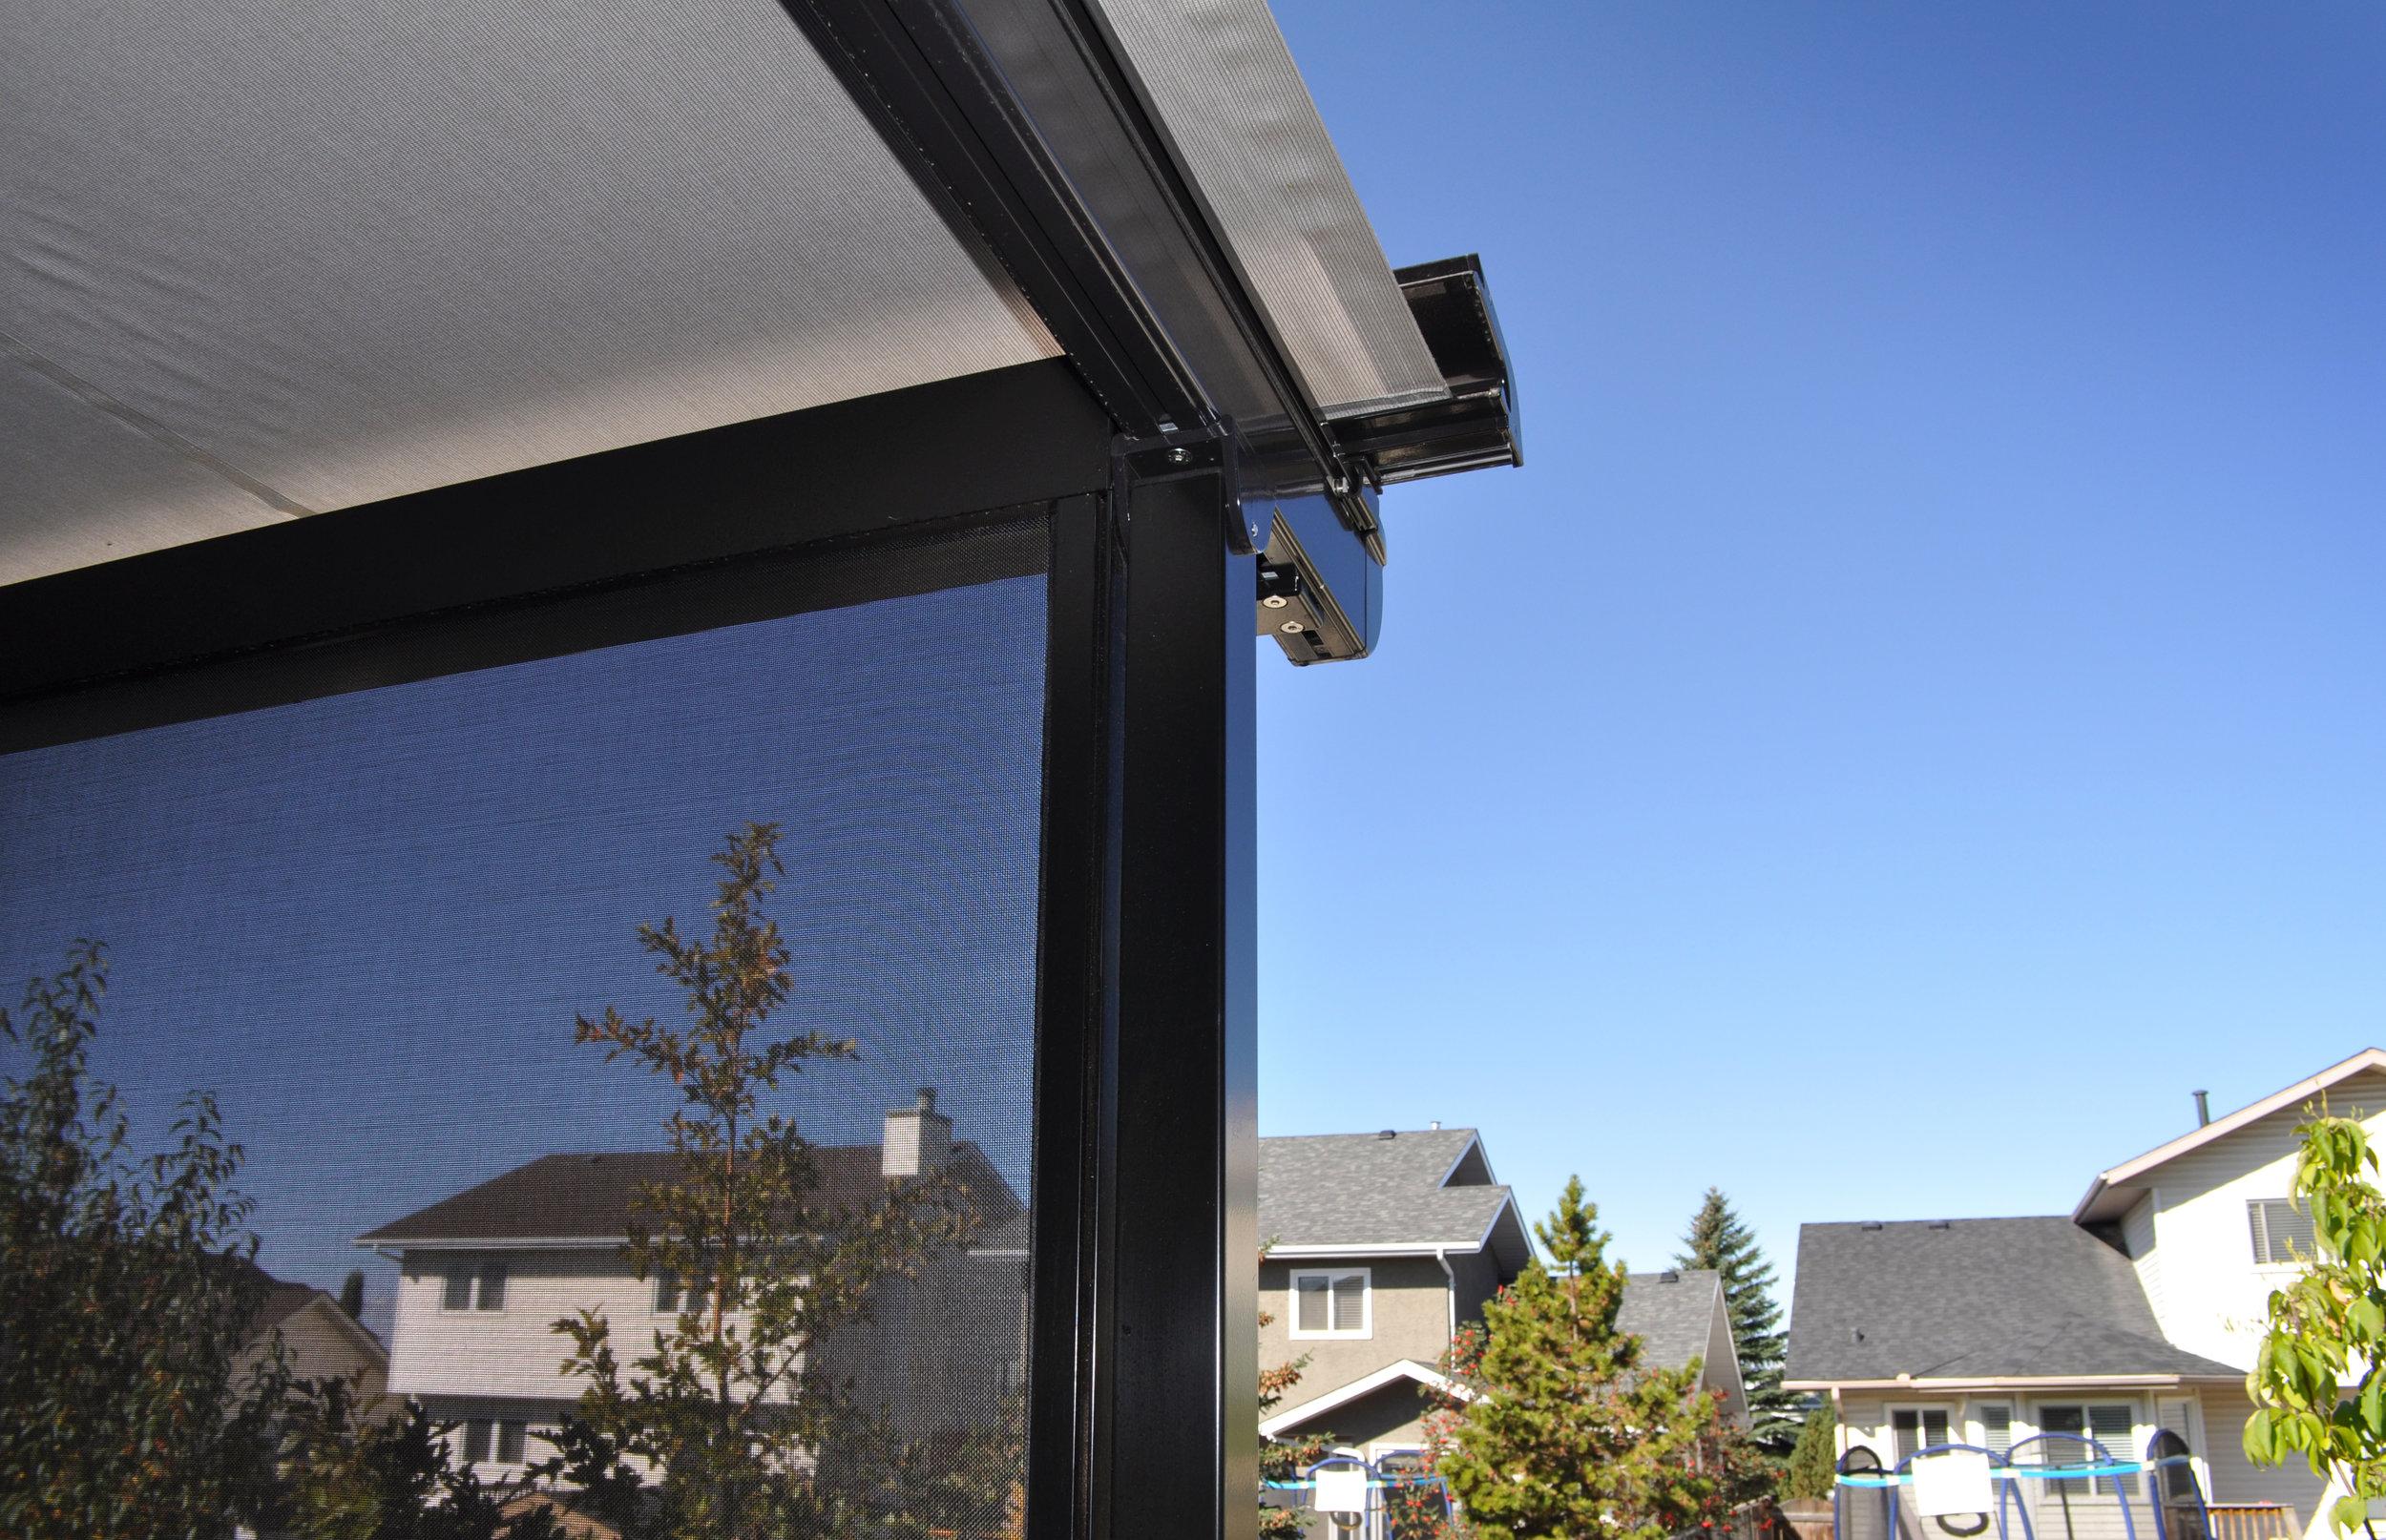 pergola solar screen shade calgary